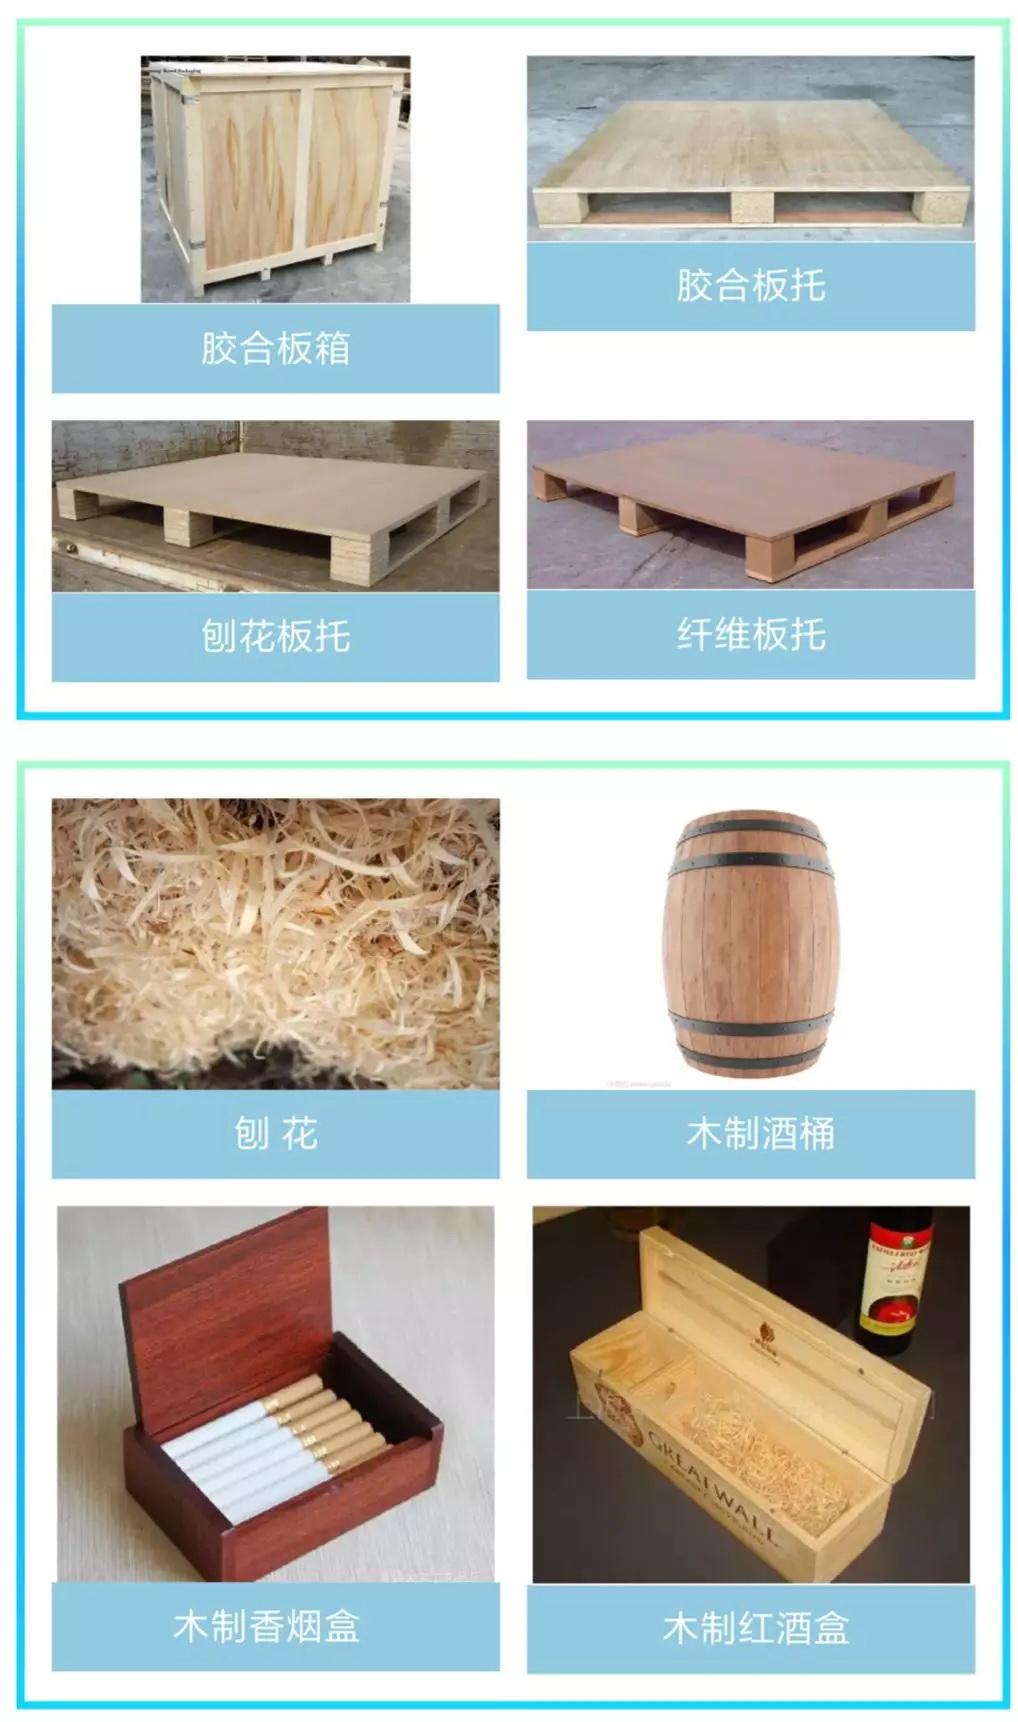 出口货物使用木质包装,你需要了解这些      什么是IPPC标识?  简单的说IPPC是一个国际公约,木质包装加施了IPPC标识意味着按照规定实施了除害处理并且合格,不携带有害生物。就像下面这样